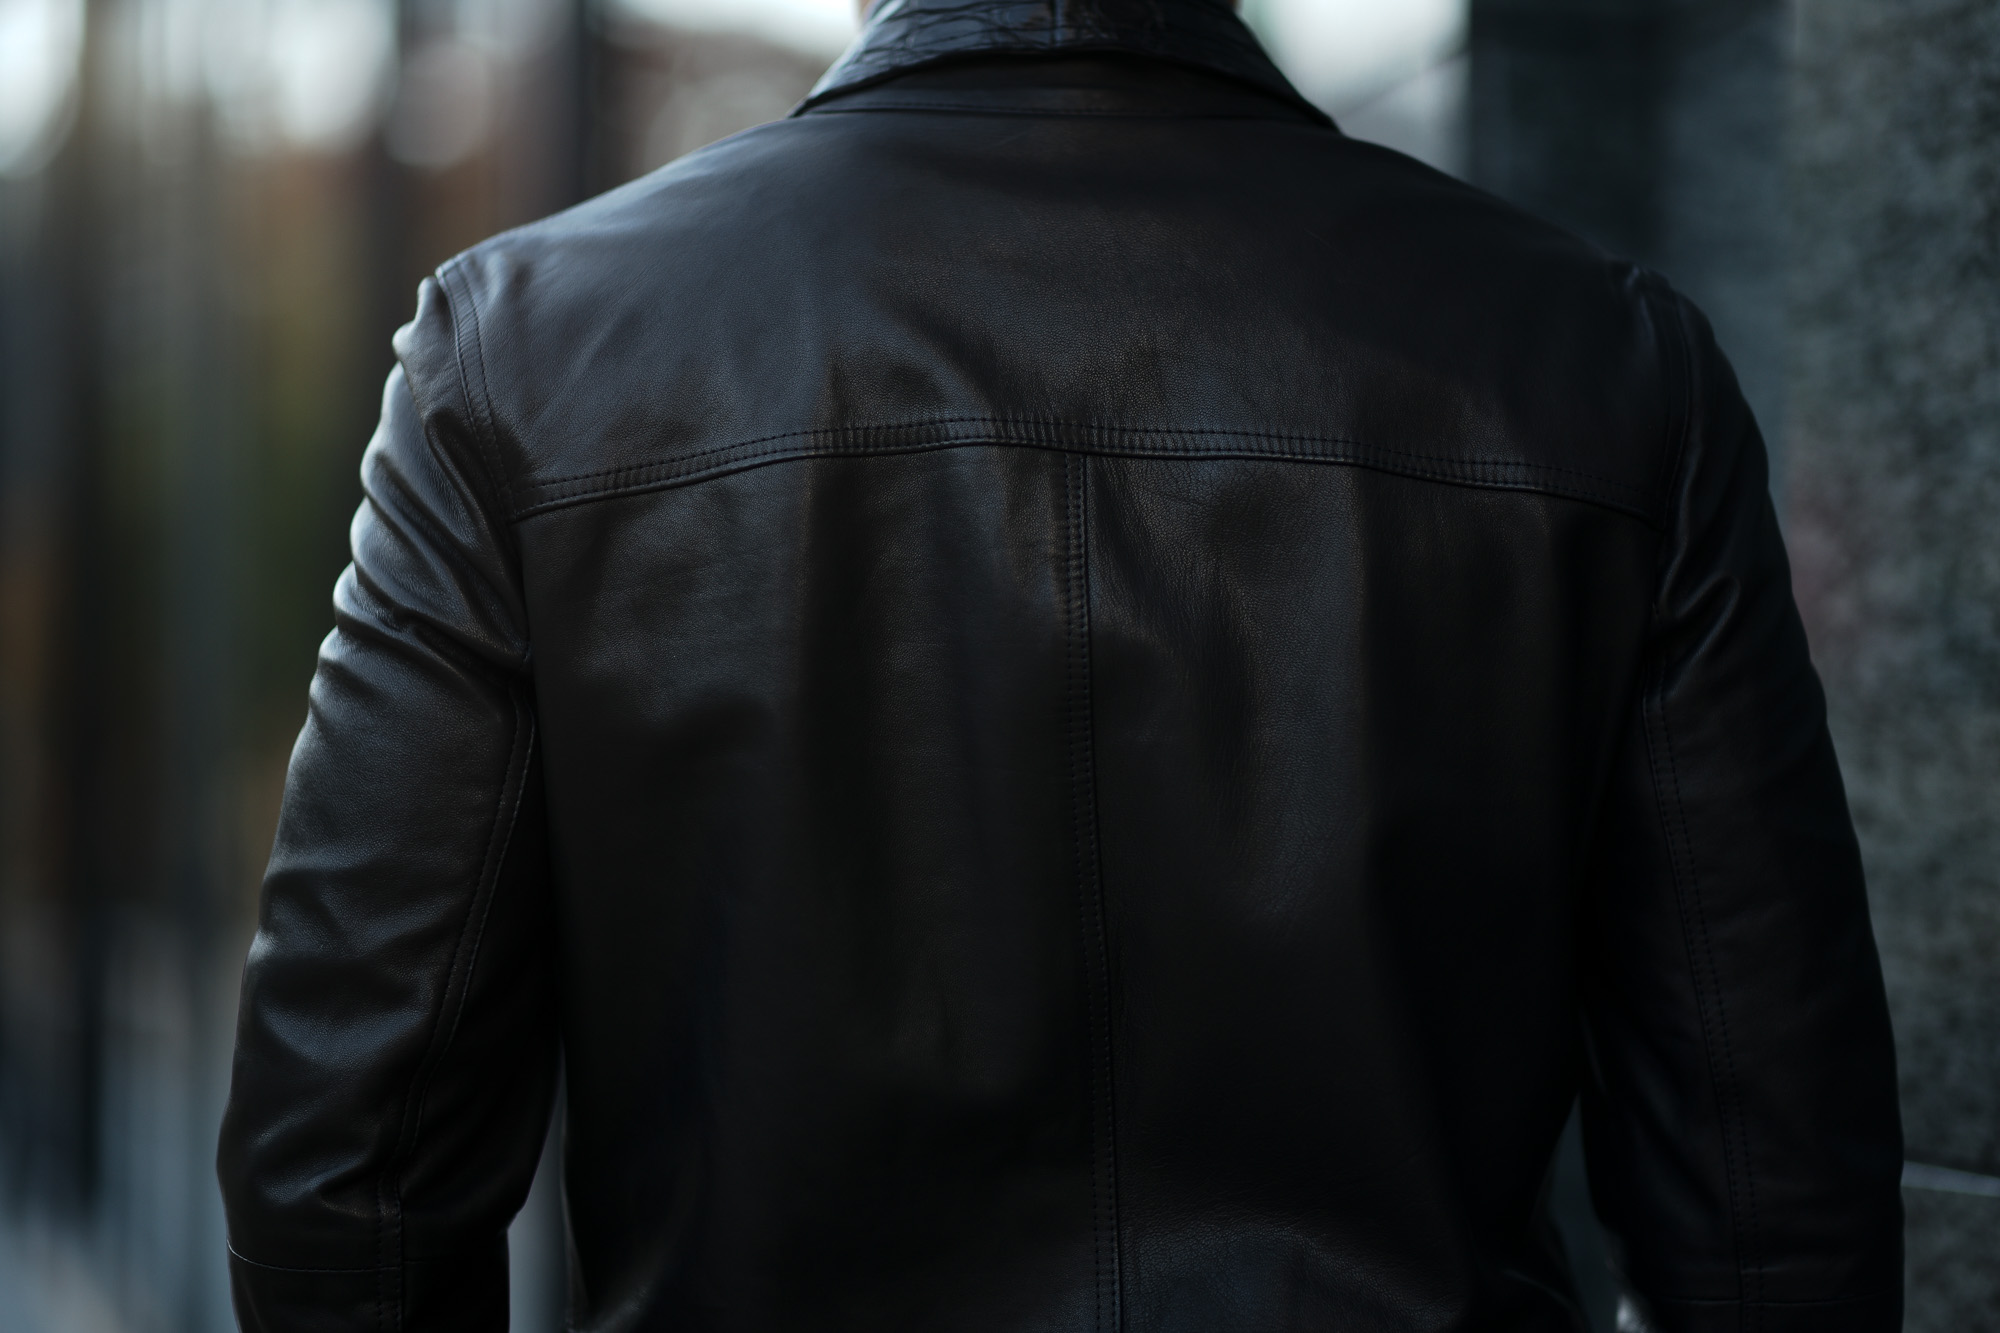 EMMETI (エンメティ) JAXON COCCODRILLO (ジャクソン コッコドリッロ) Lambskin Nappa Leather × Crocodile Leather ラムナッパレザー × クロコダイルレザー ジャケット NERO (ブラック・190/1) Made in italy (イタリア製) 2019 春夏 【ご予約開始】emmeti エンメティ 愛知 名古屋 Alto e Diritto アルト エ デリット